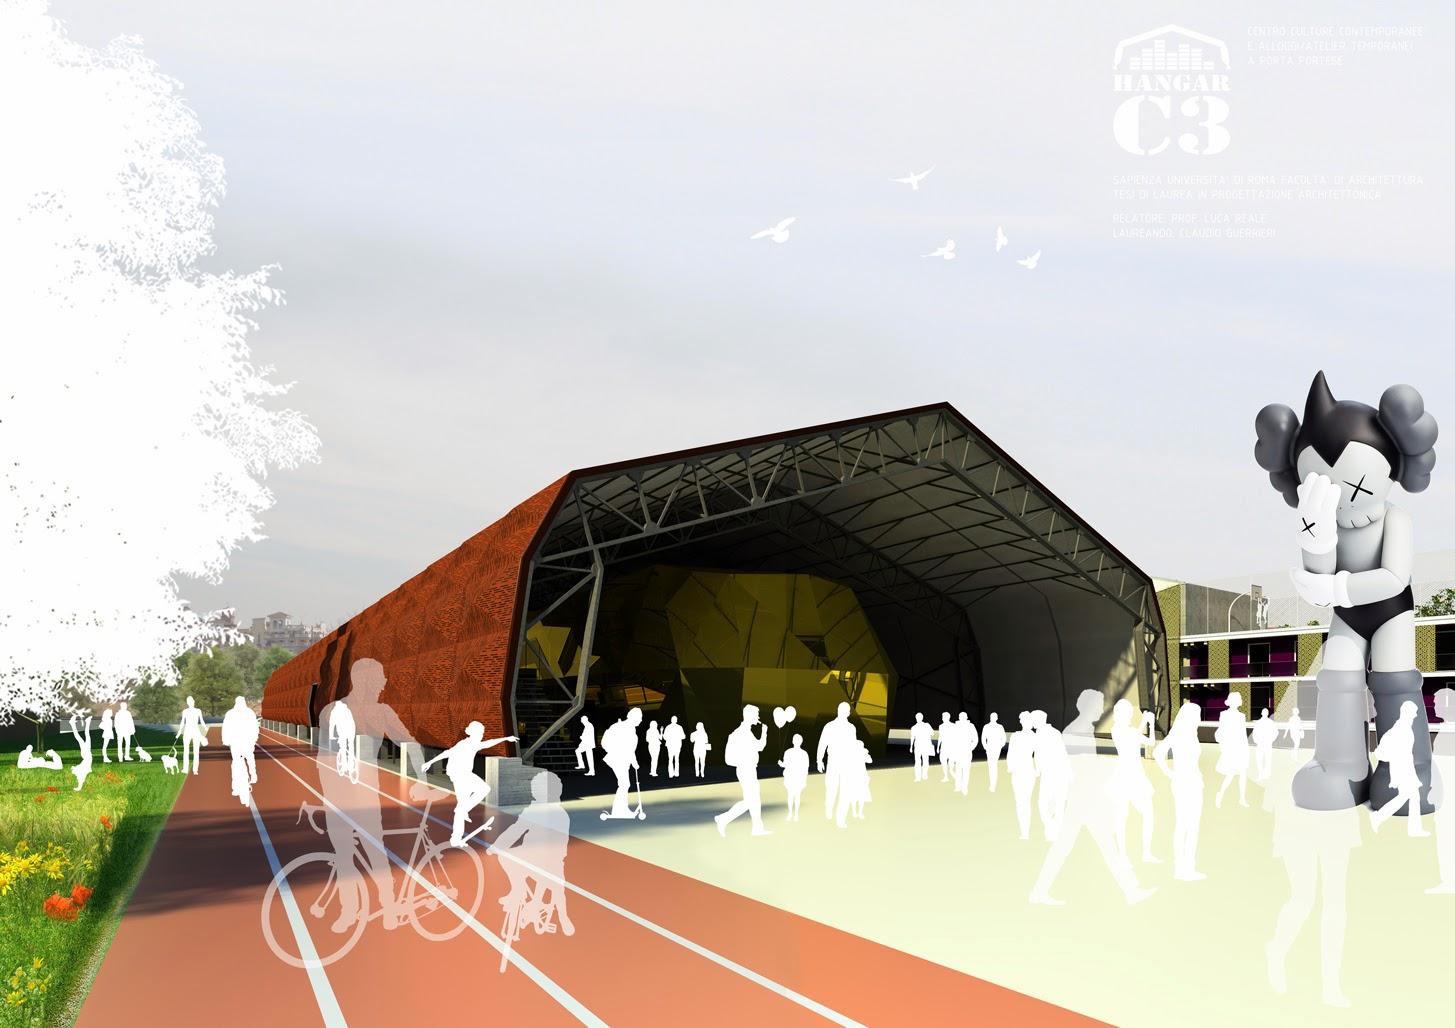 Cccpp centro per le culture contemporanee a porta - Porta portese offerte lavoro roma ...